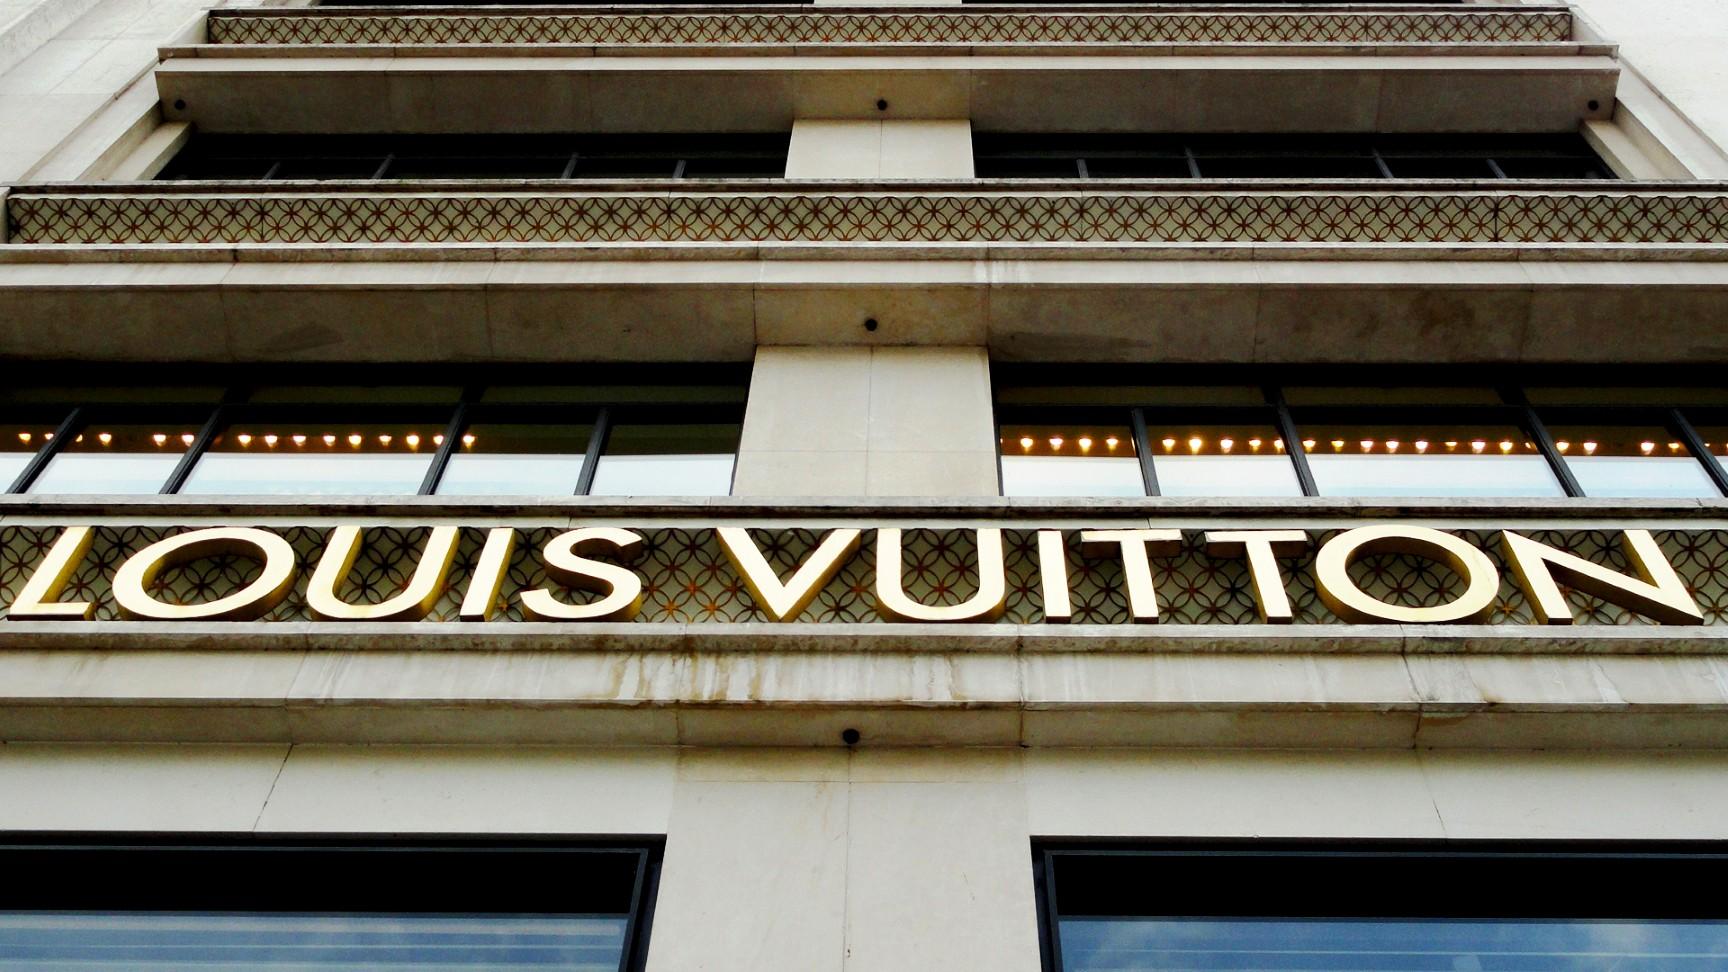 Boutique Louis Vitton, Champs Elysées